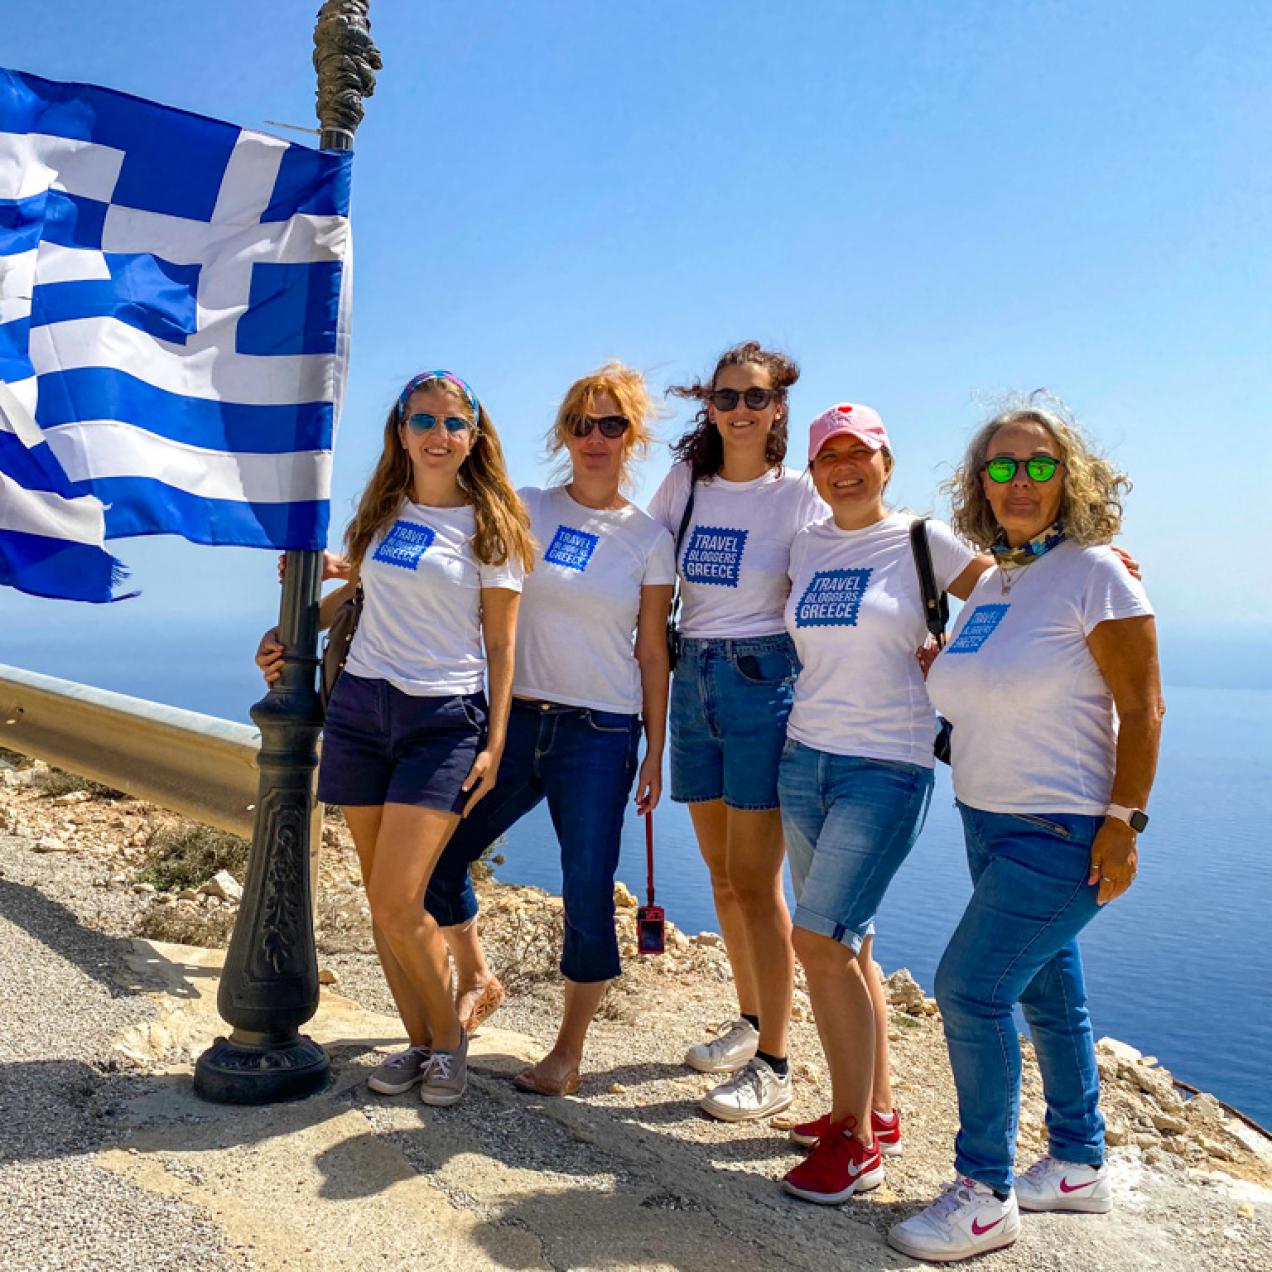 TBG in Kasos – Celebrating #Greece2021